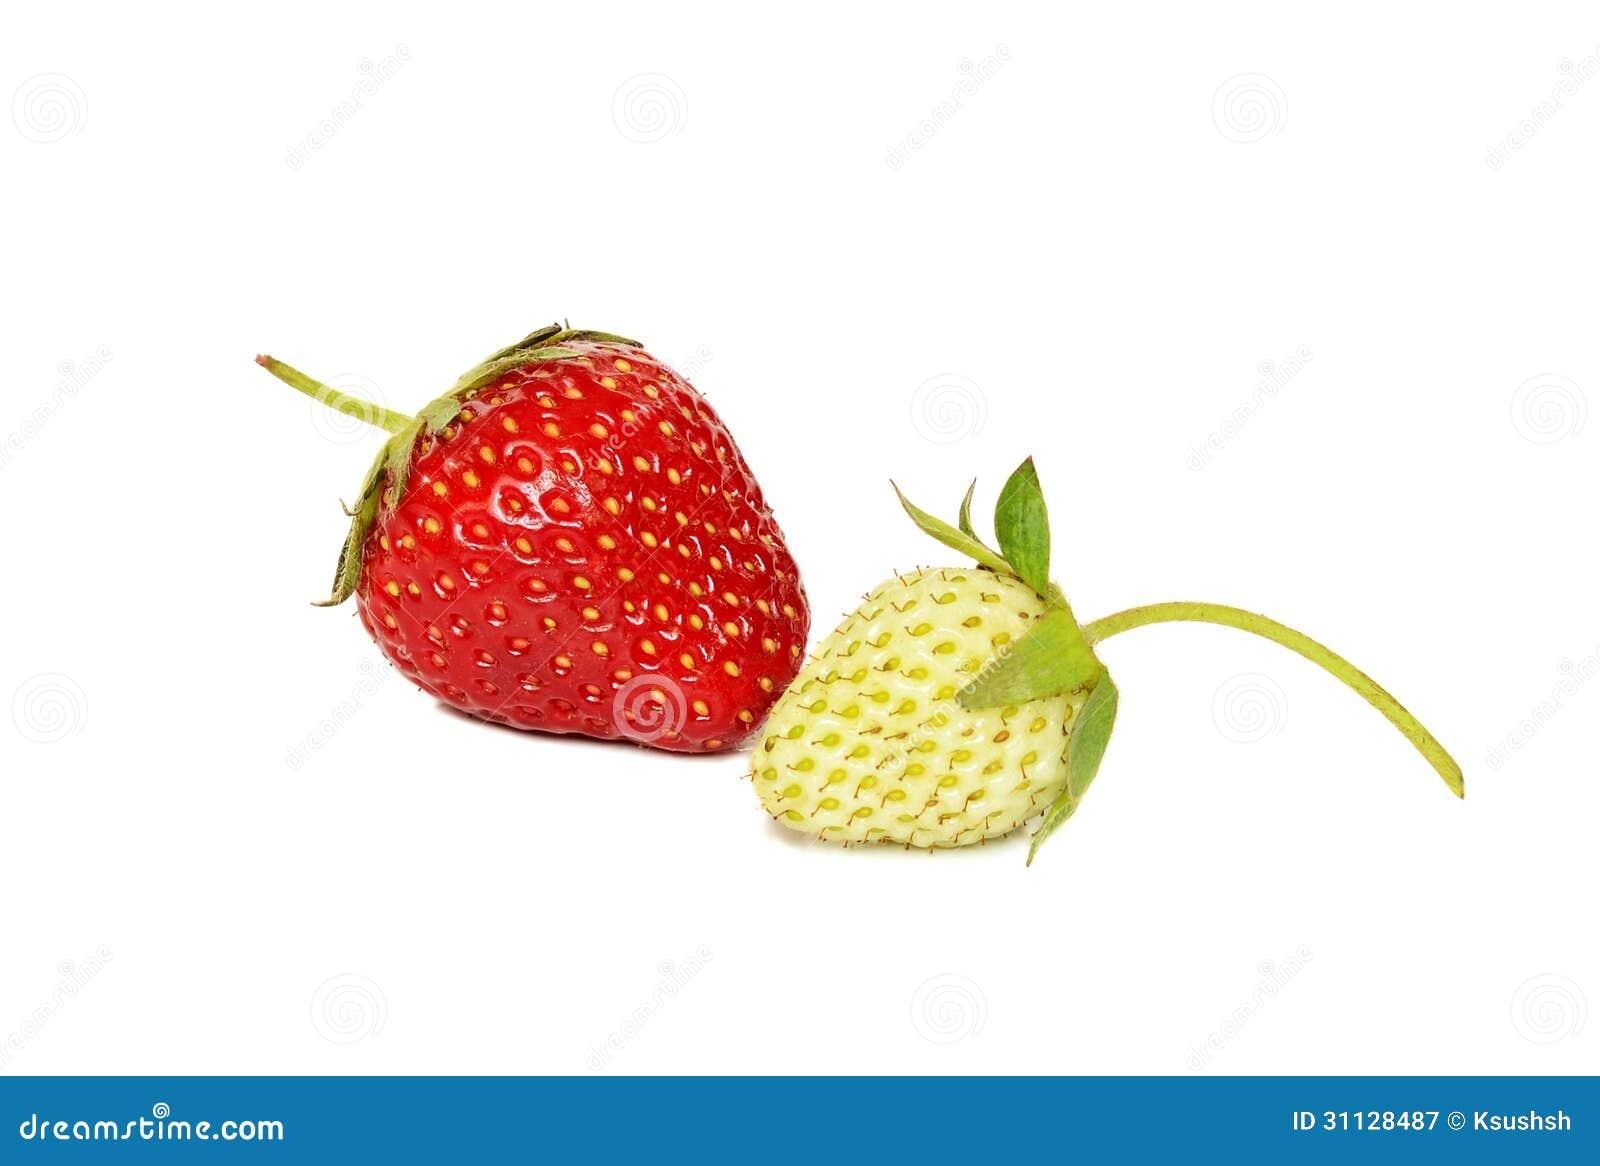 Unripe Strawberries Ripe And Unripe...